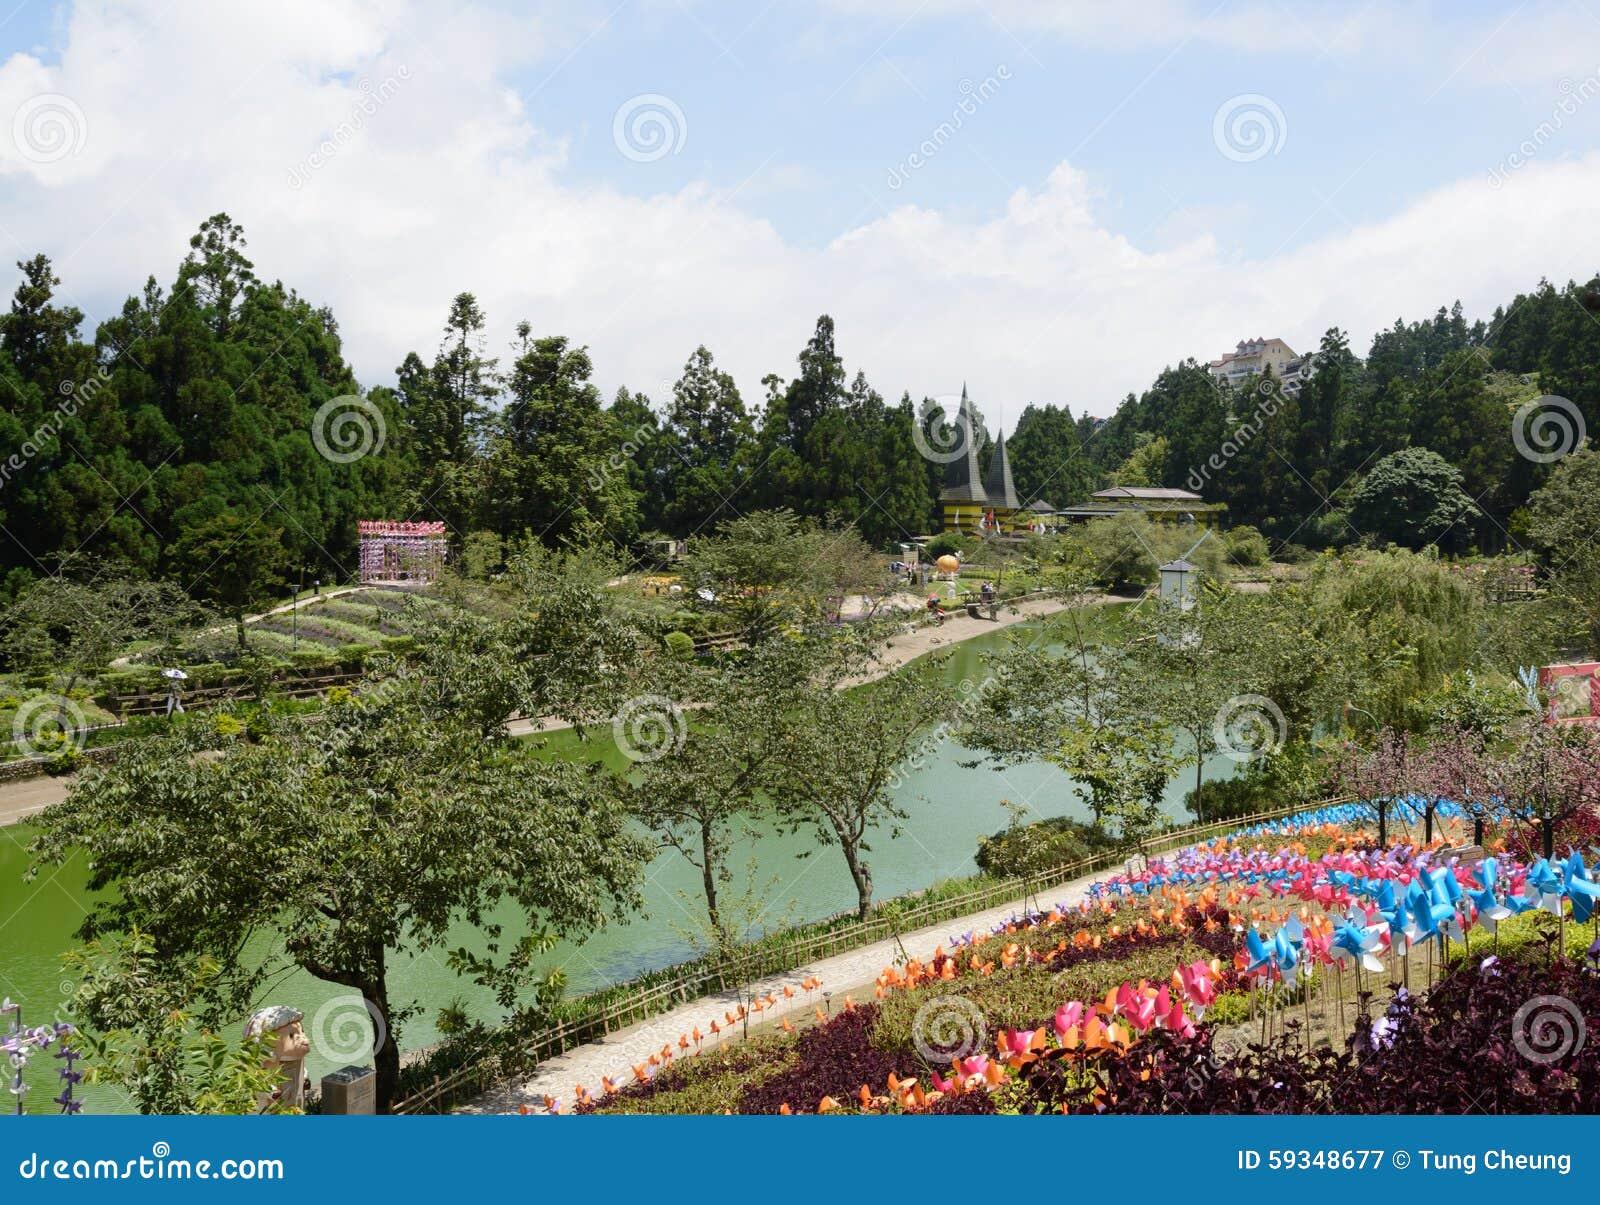 cing-jing-taiwan-cingjing-july-cingjing-farm-july-cingjing-cingjing ...